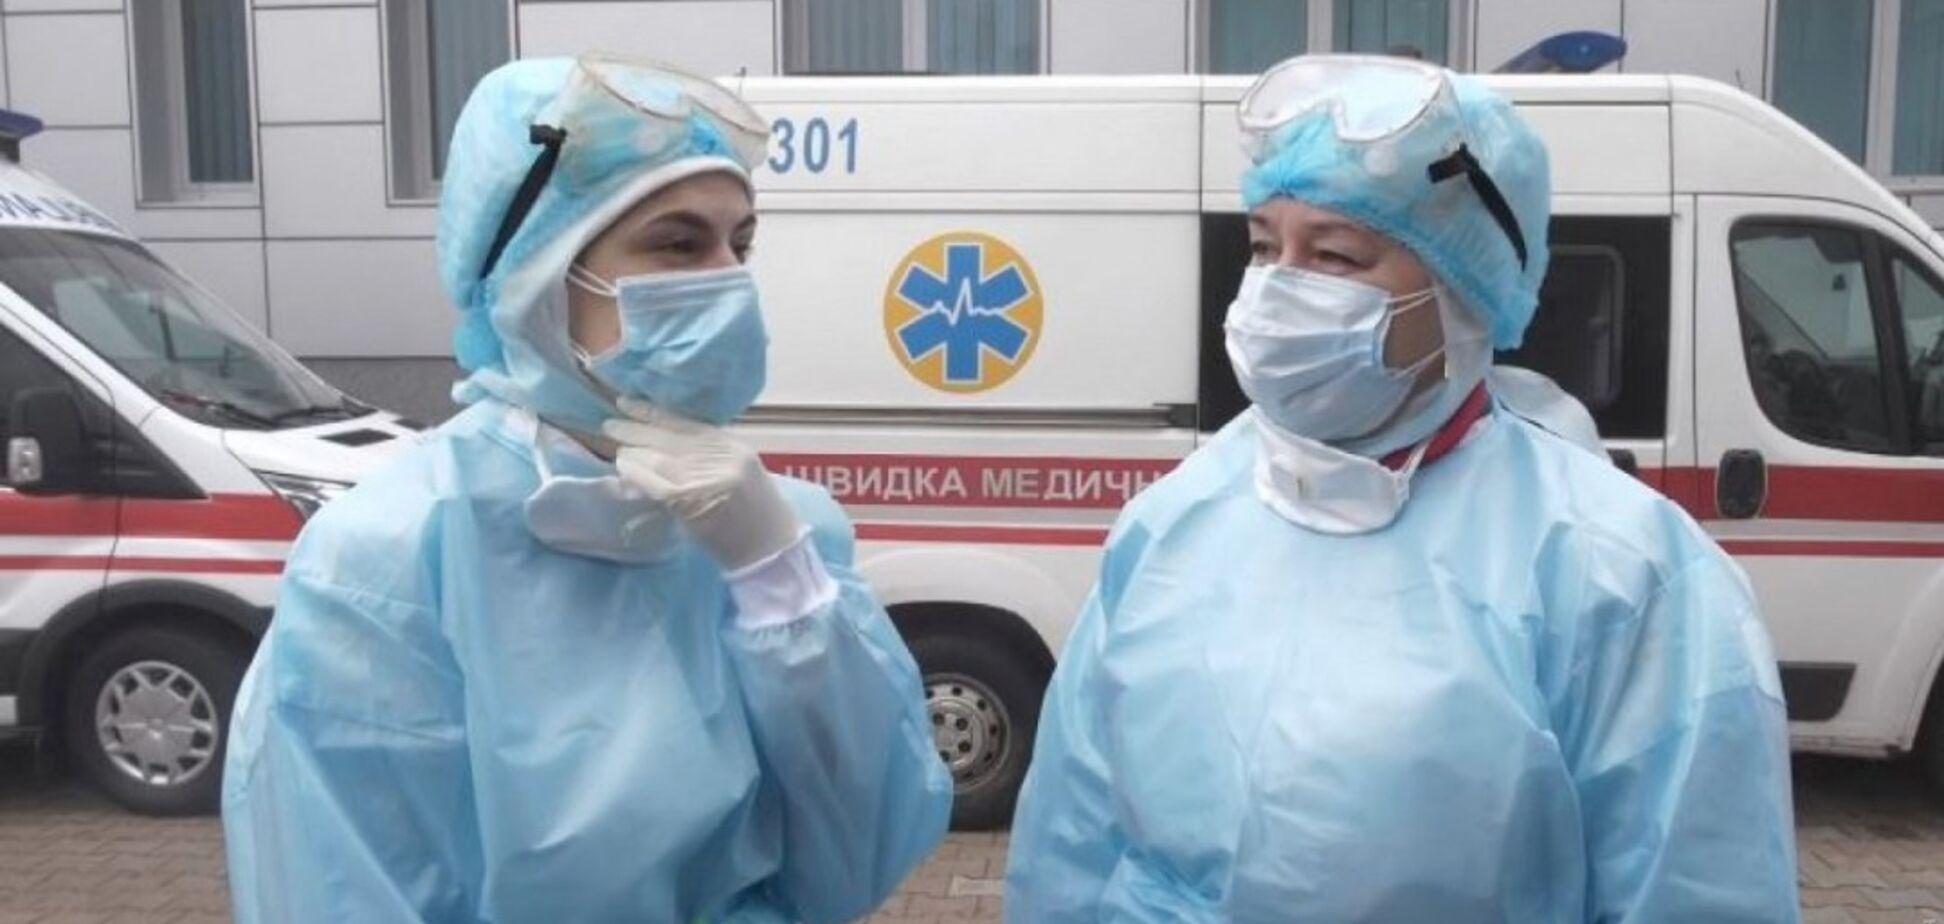 Ученые КПИ описали возможные фазы дальнейшего развития коронавирусной инфекции в Украине